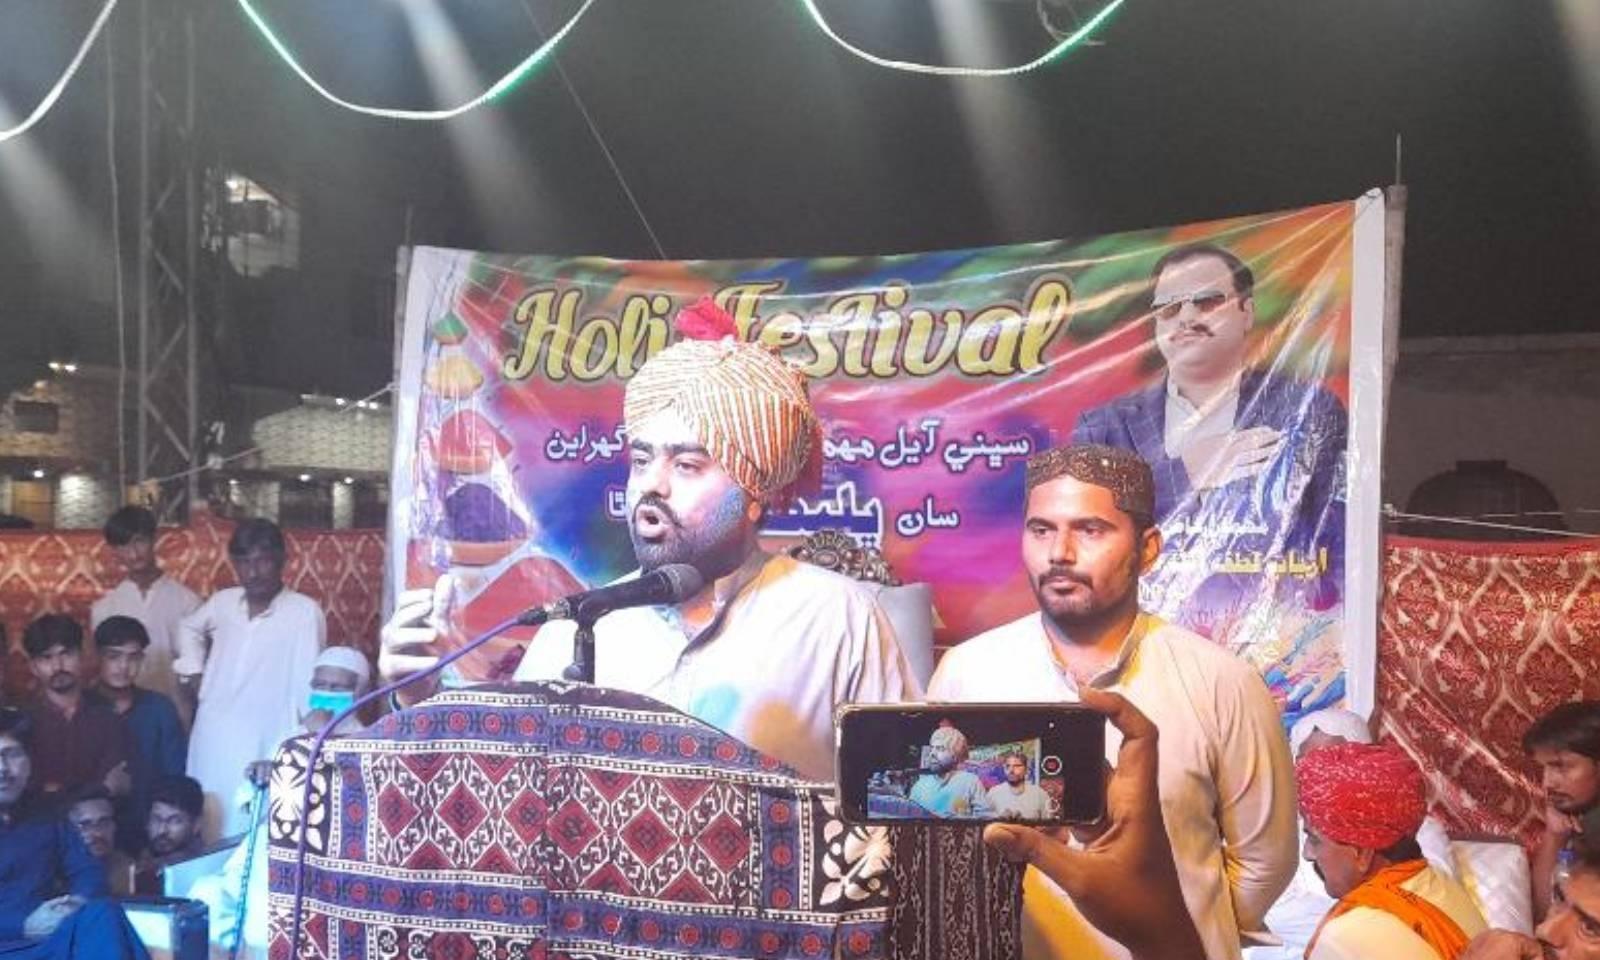 ہولی کی تقریب میں سیاسی و سماجی رہنماؤں نے شرکت کی اور خطاب بھی کیا — فوٹو: امتیاز دھارانی